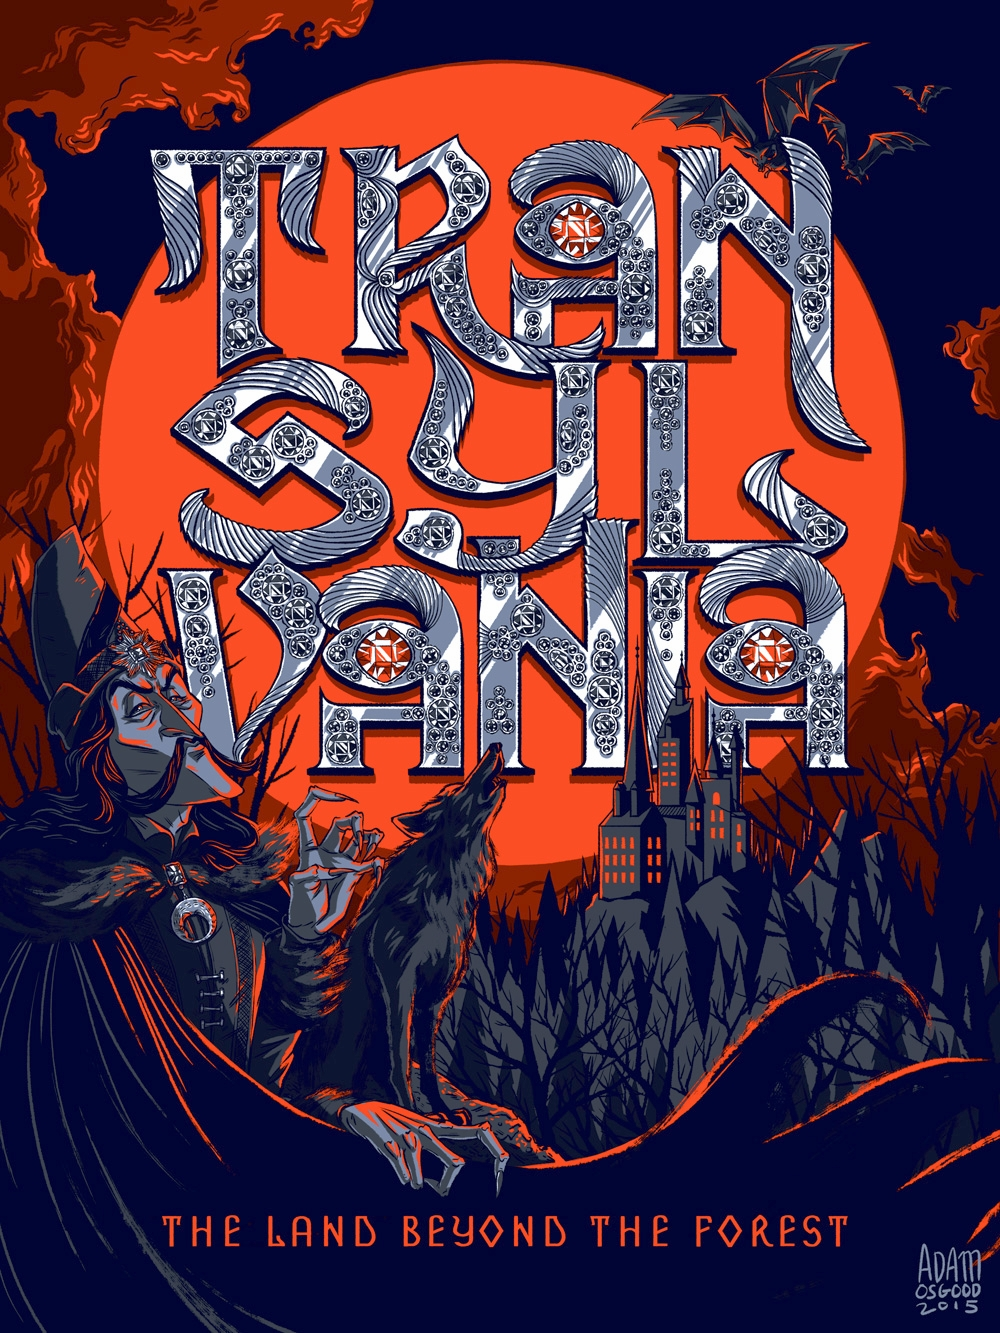 Transylvania Typographic Poster